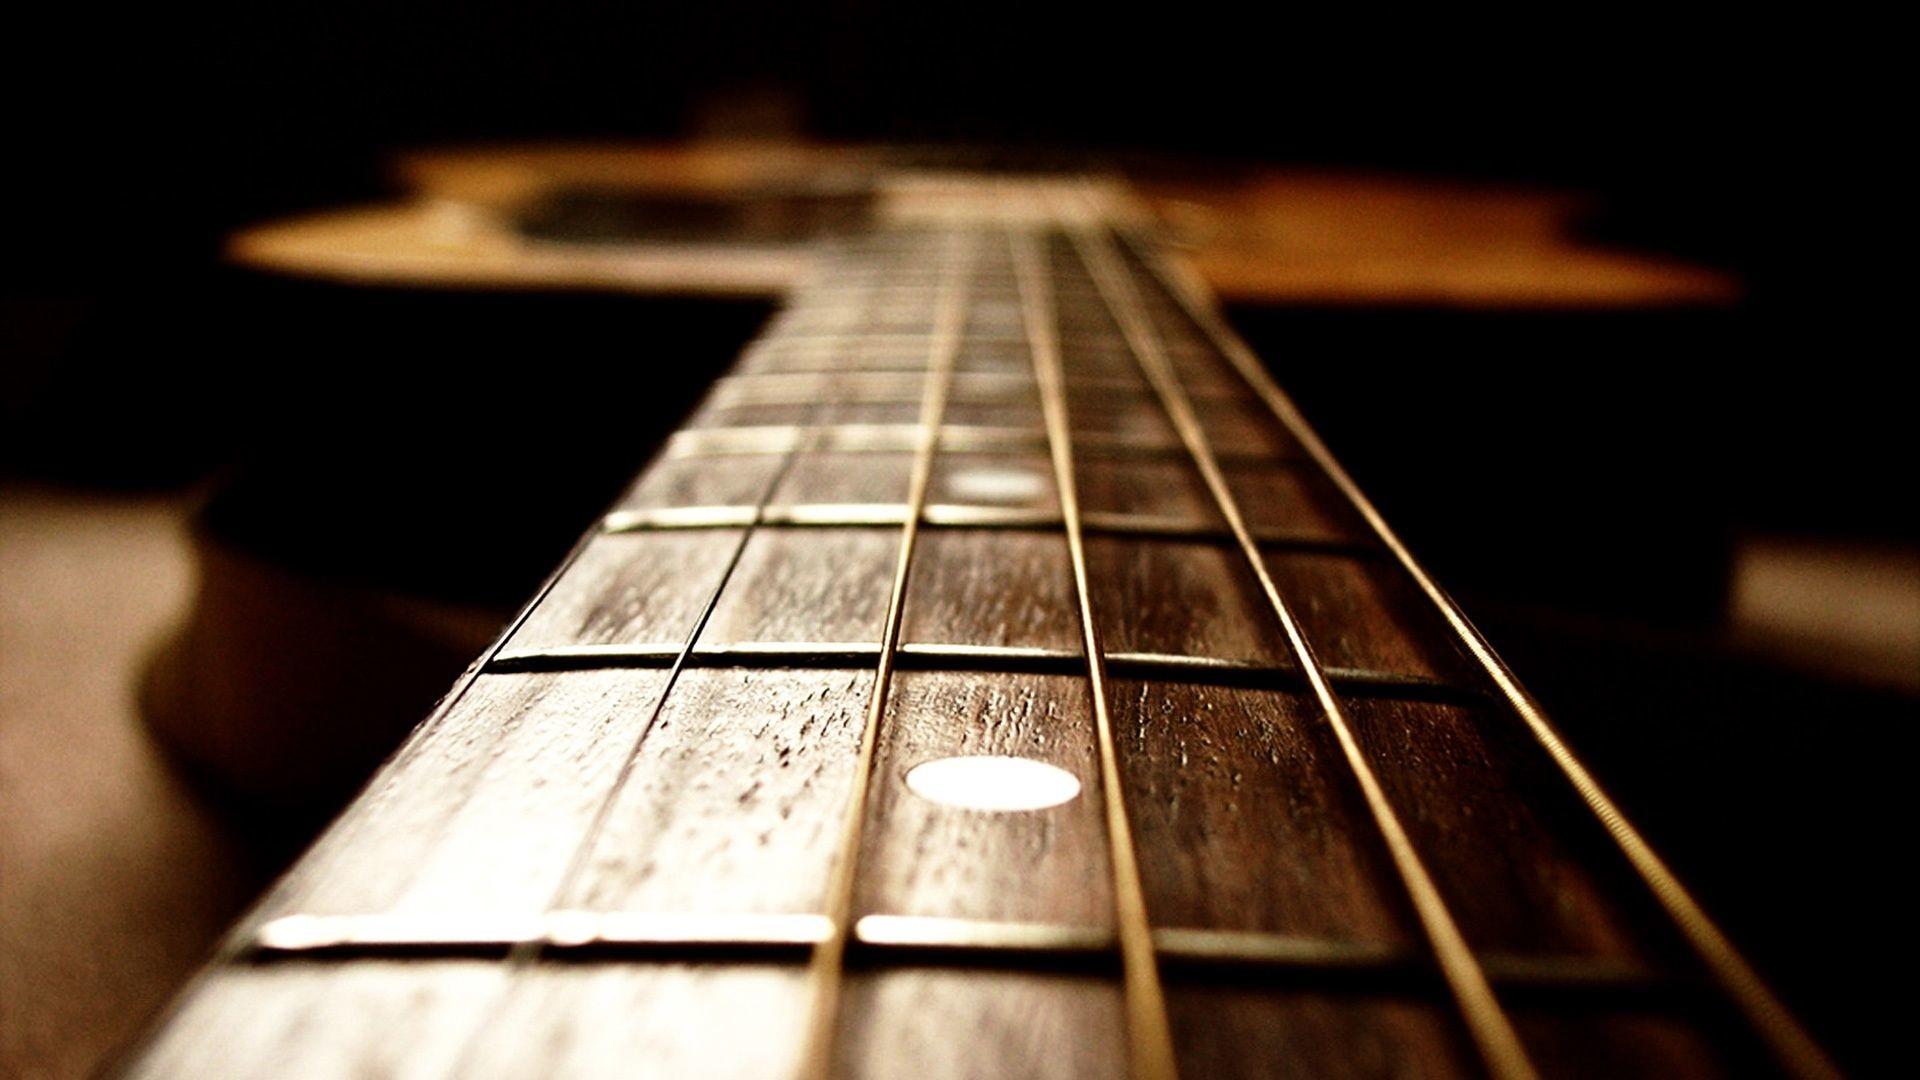 Guitar Wallpaper Free · Guitar Wallpapers Full Hd …